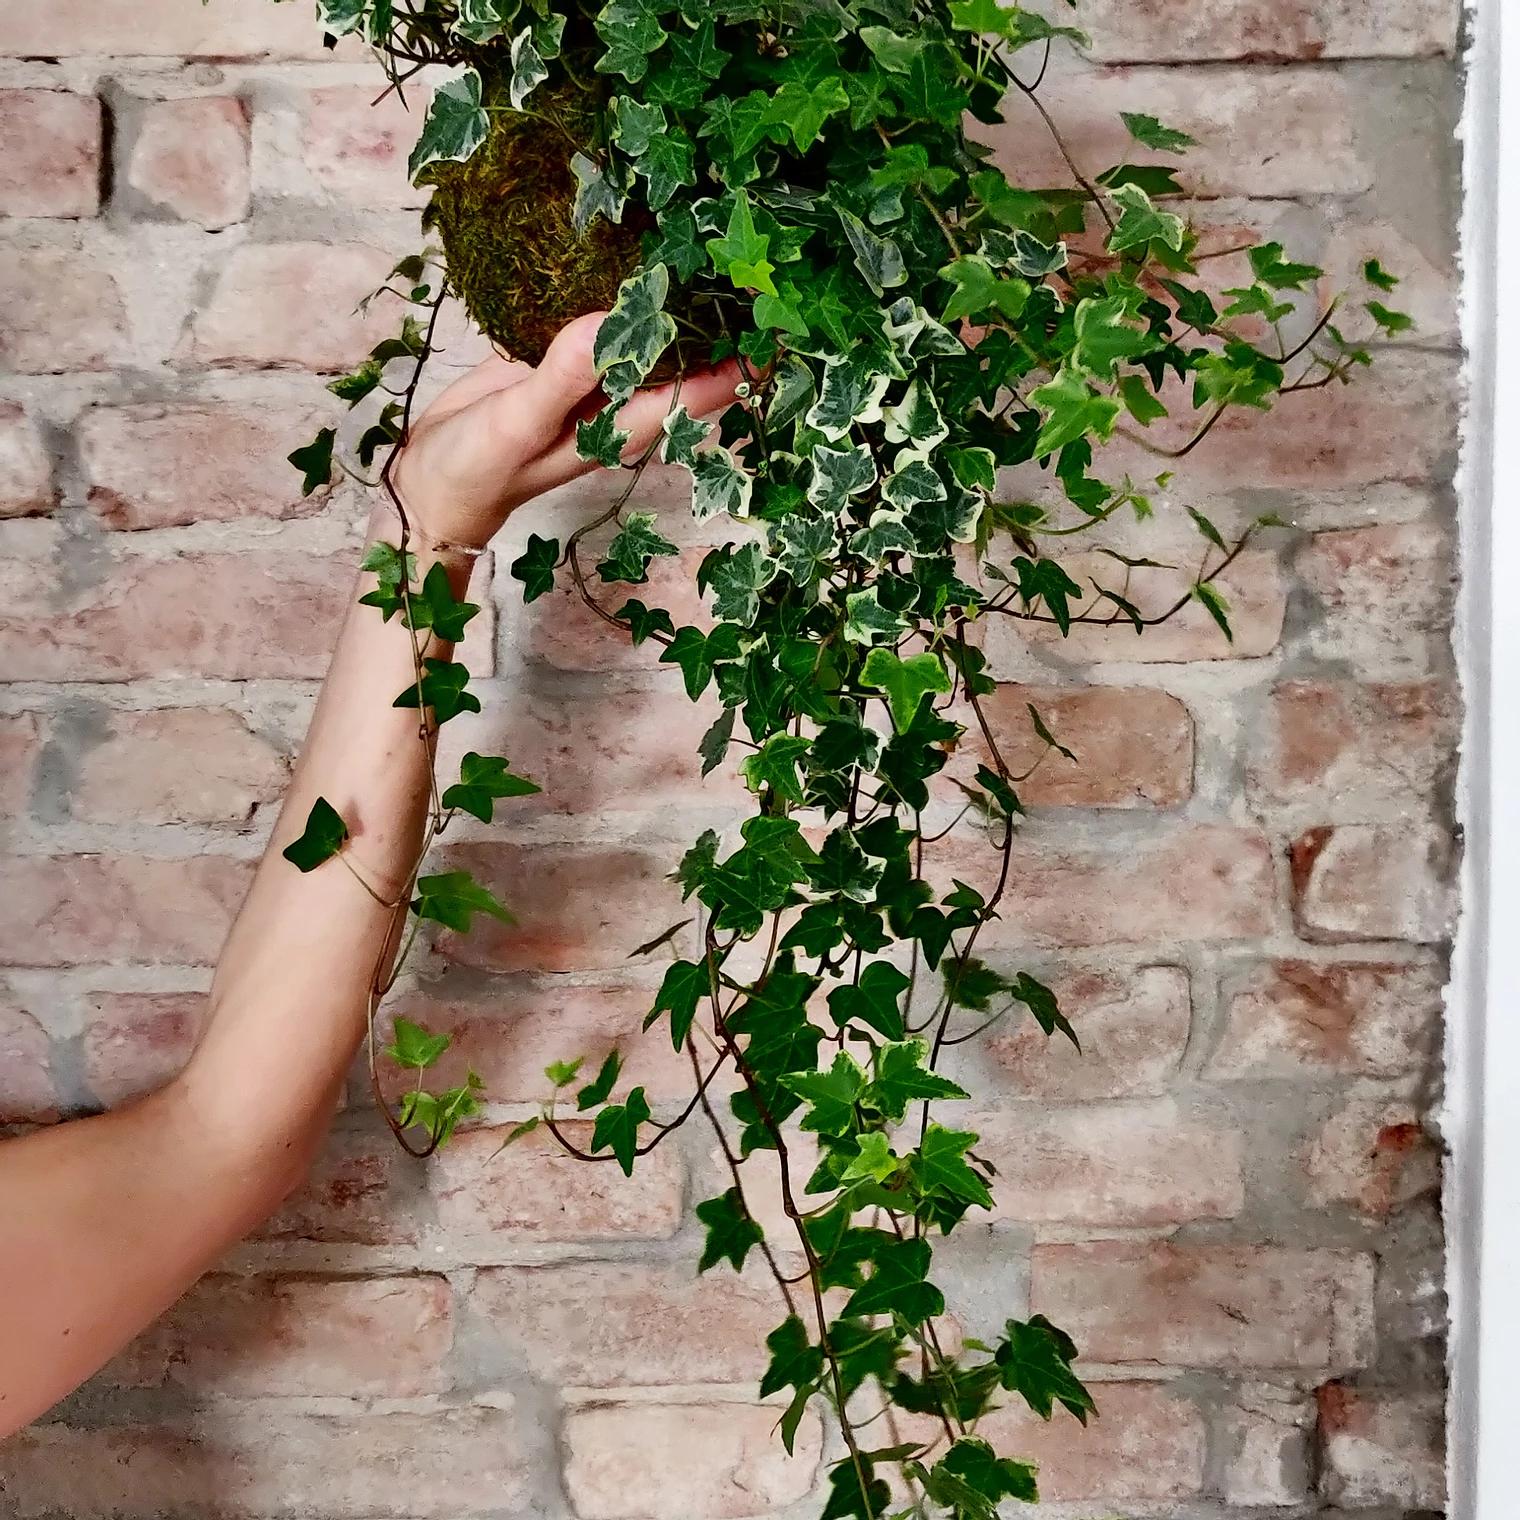 Edera helix. Forse non lo sai che i frutti e le foglie di edera sono tossici se ingeriti, ma vengono utilizzati in erboristeria ed anche in farmacologia.